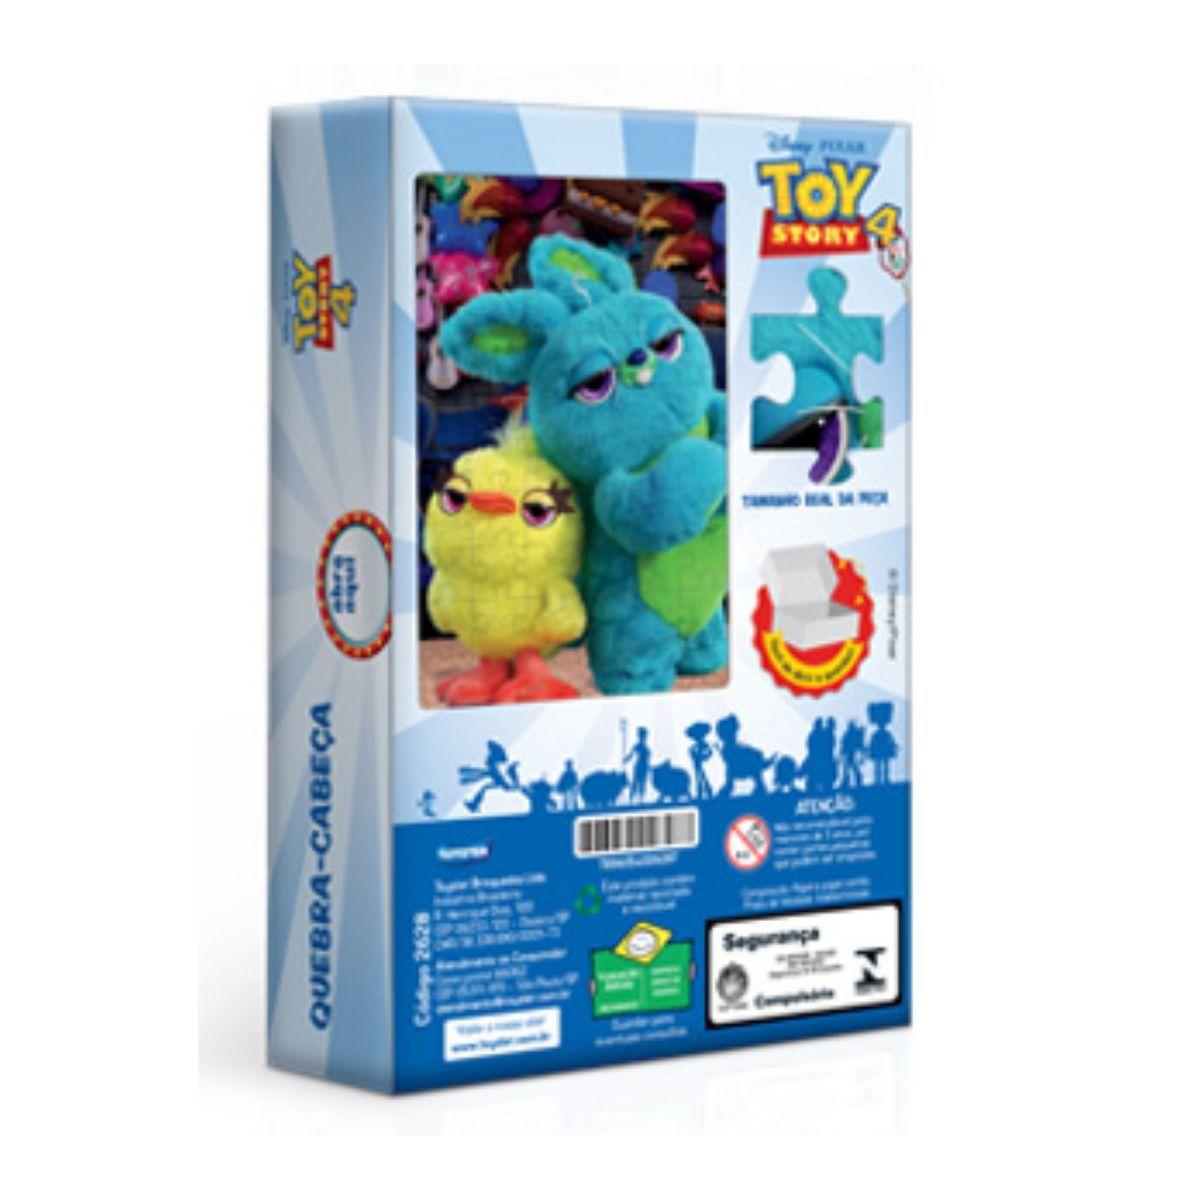 Quebra Cabeça Infantil 60 peças Toy Story Duck e Bunny Toyster  - Game Land Brinquedos